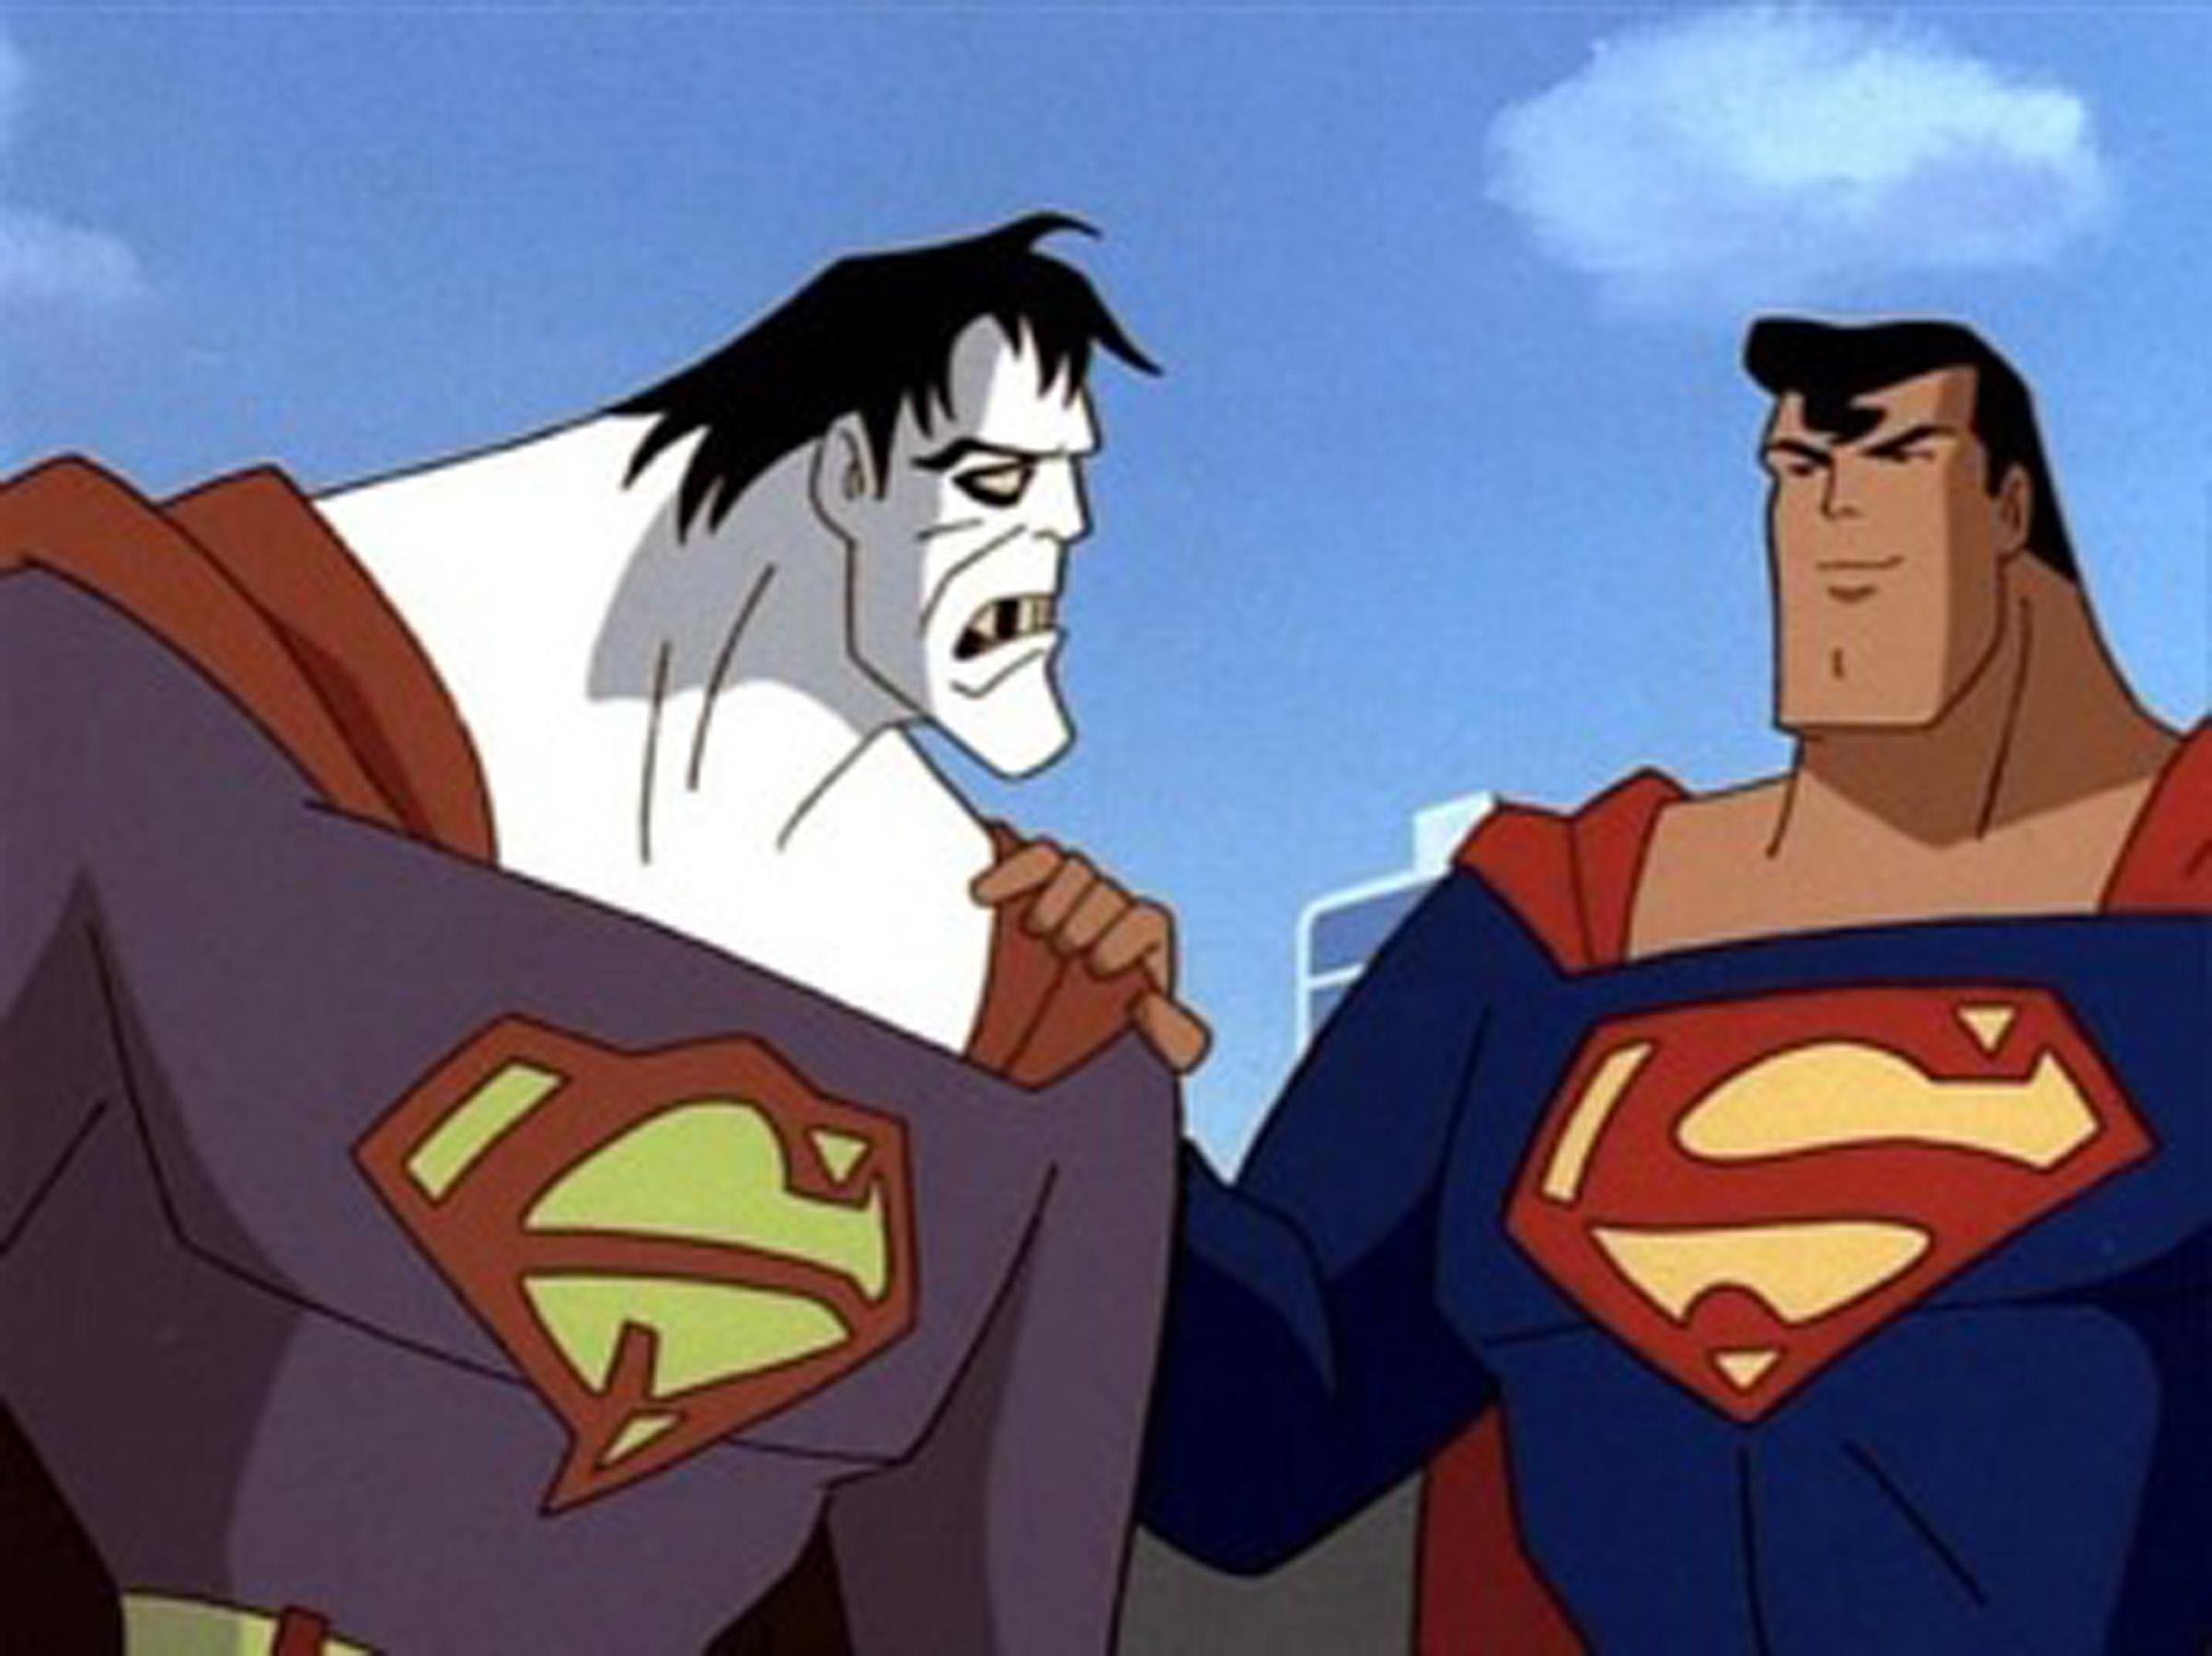 Superman-TAS-publicity-still-3.jpg